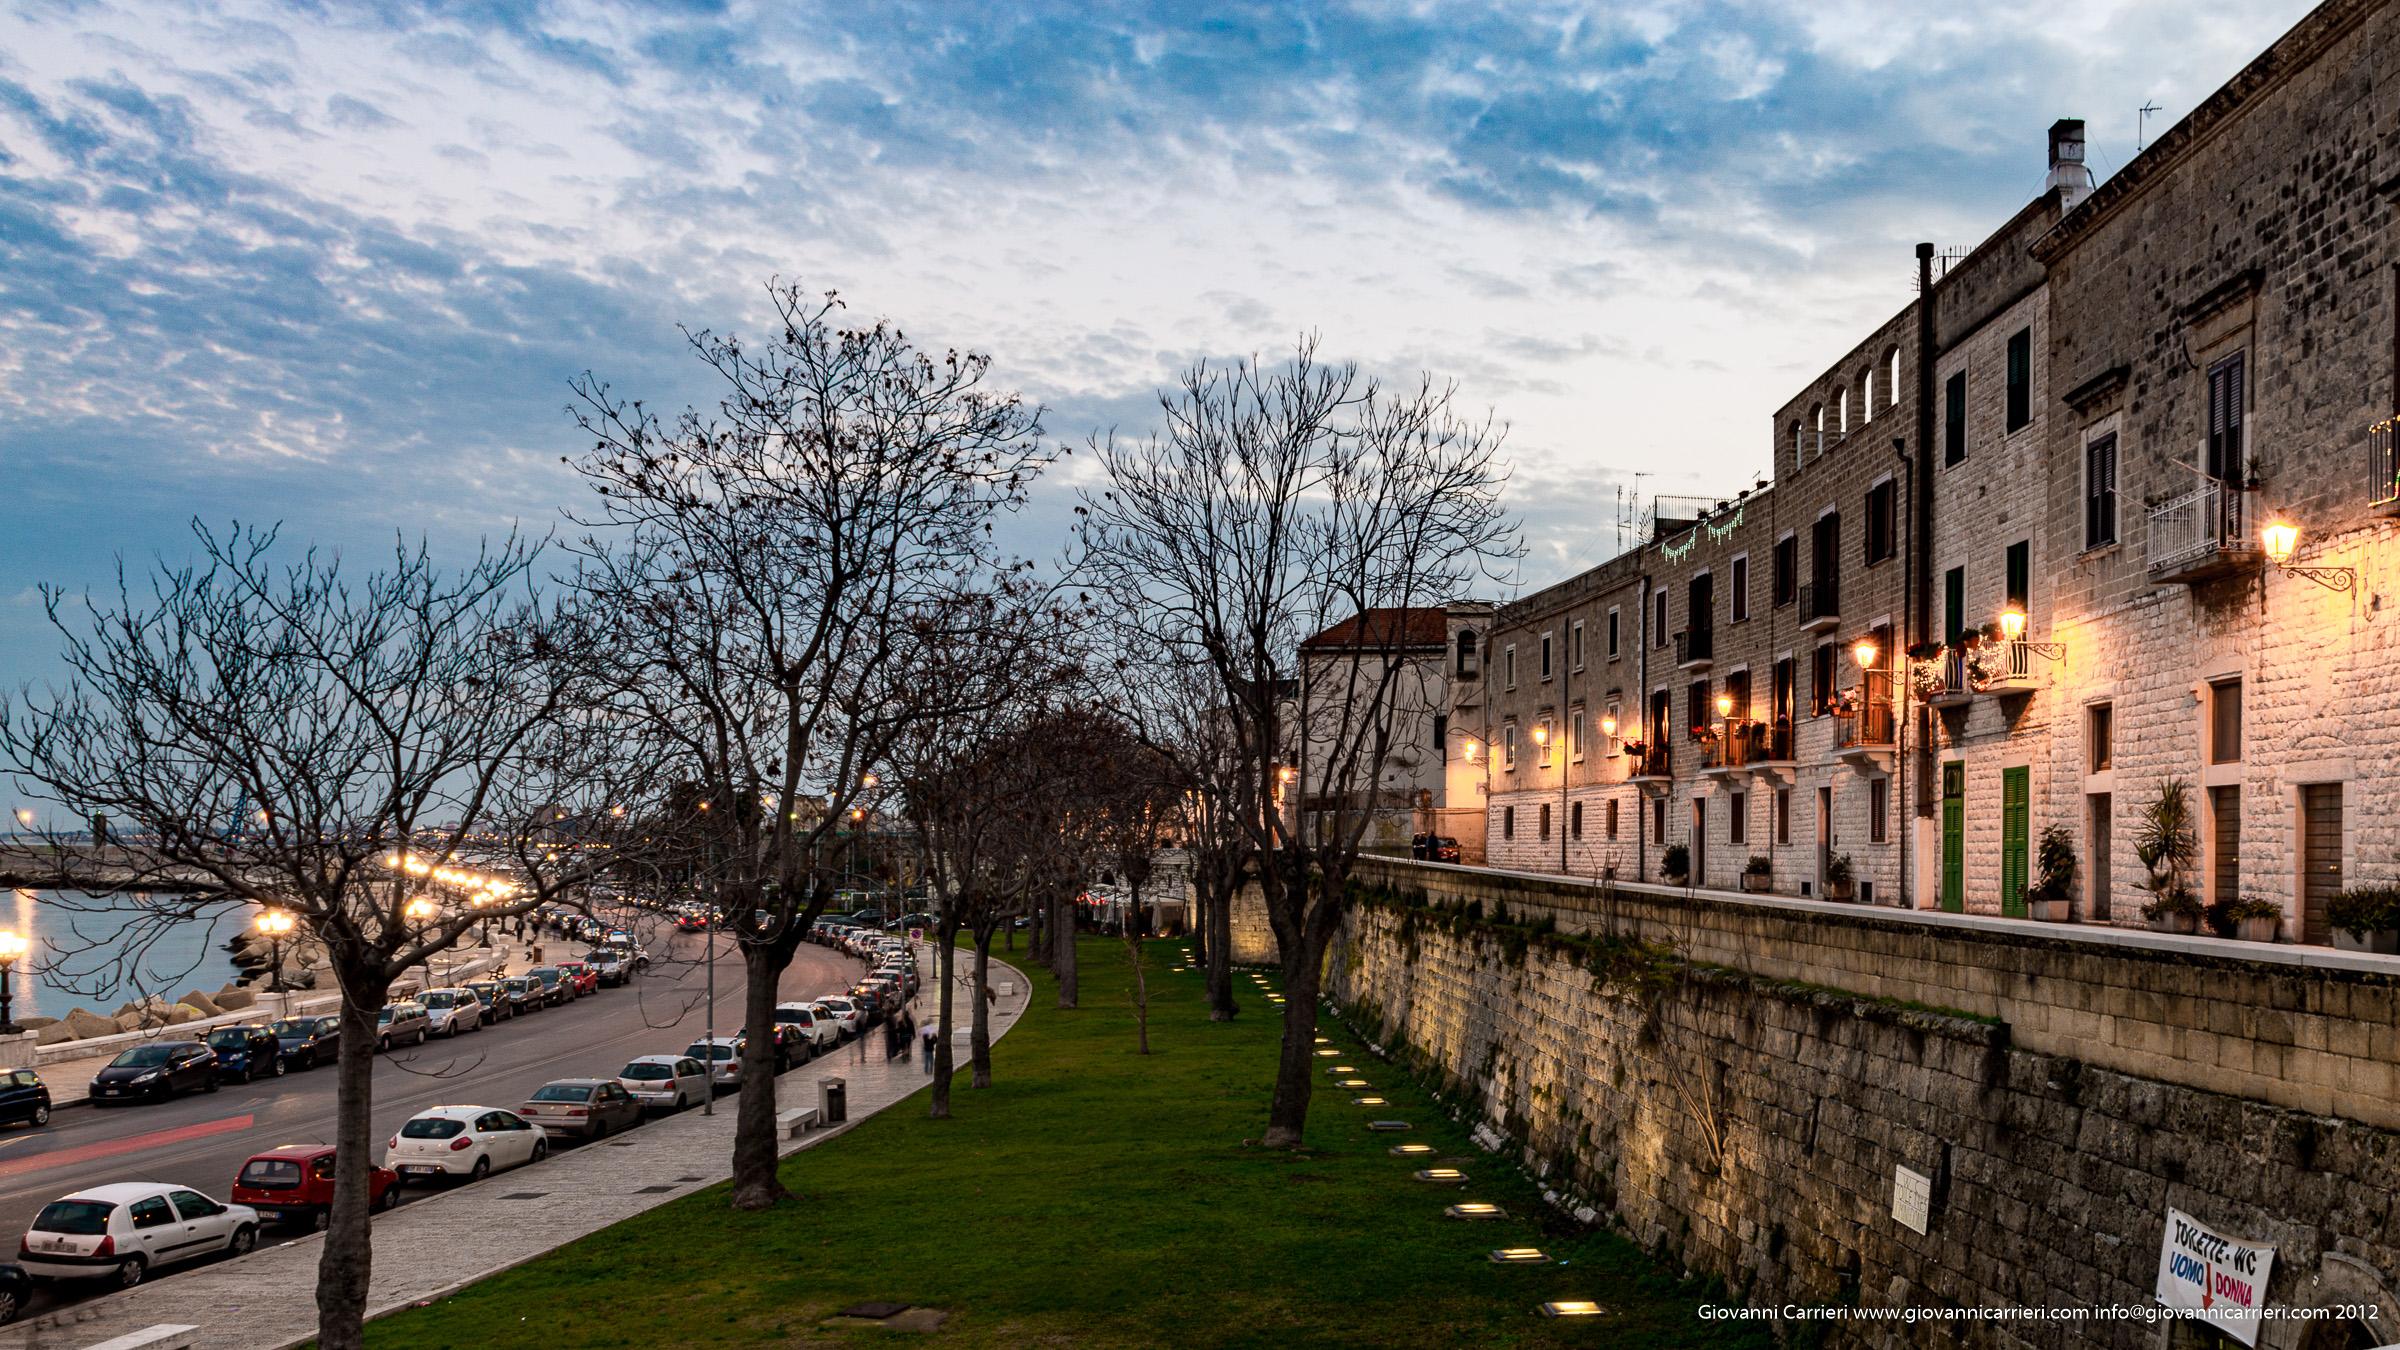 Lungo la muraglia a Bari vecchia